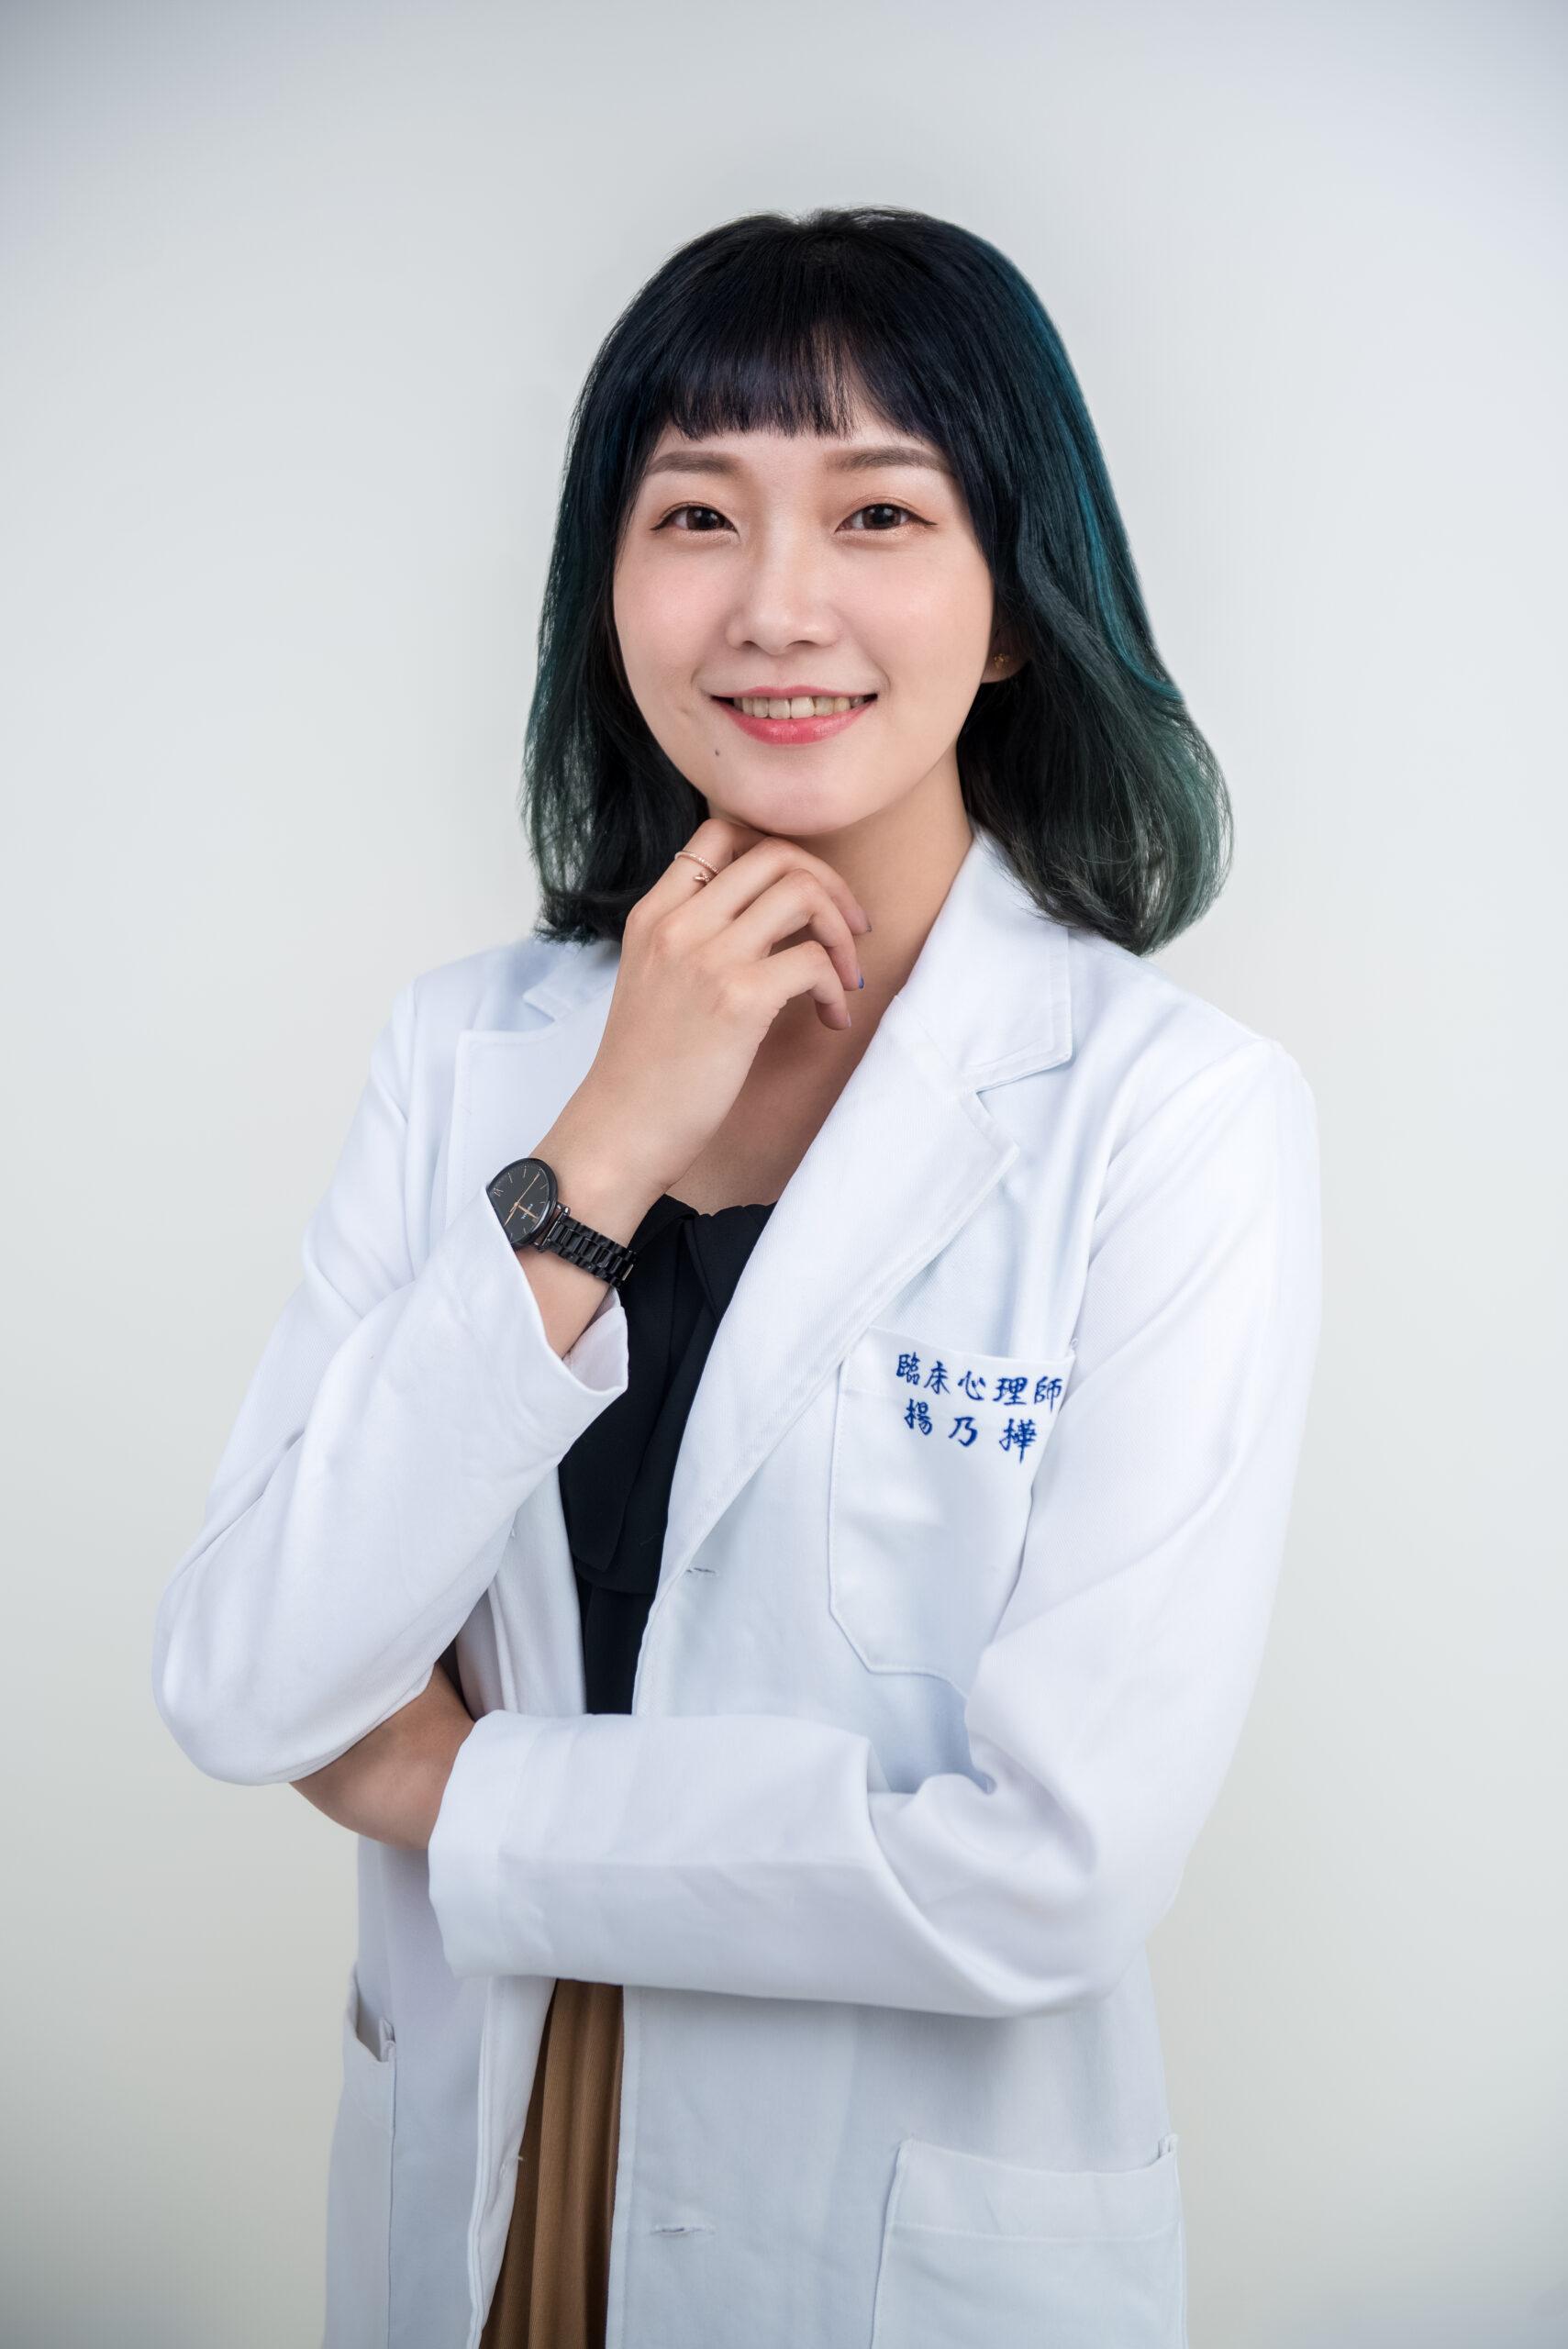 楊乃樺 臨床心理師